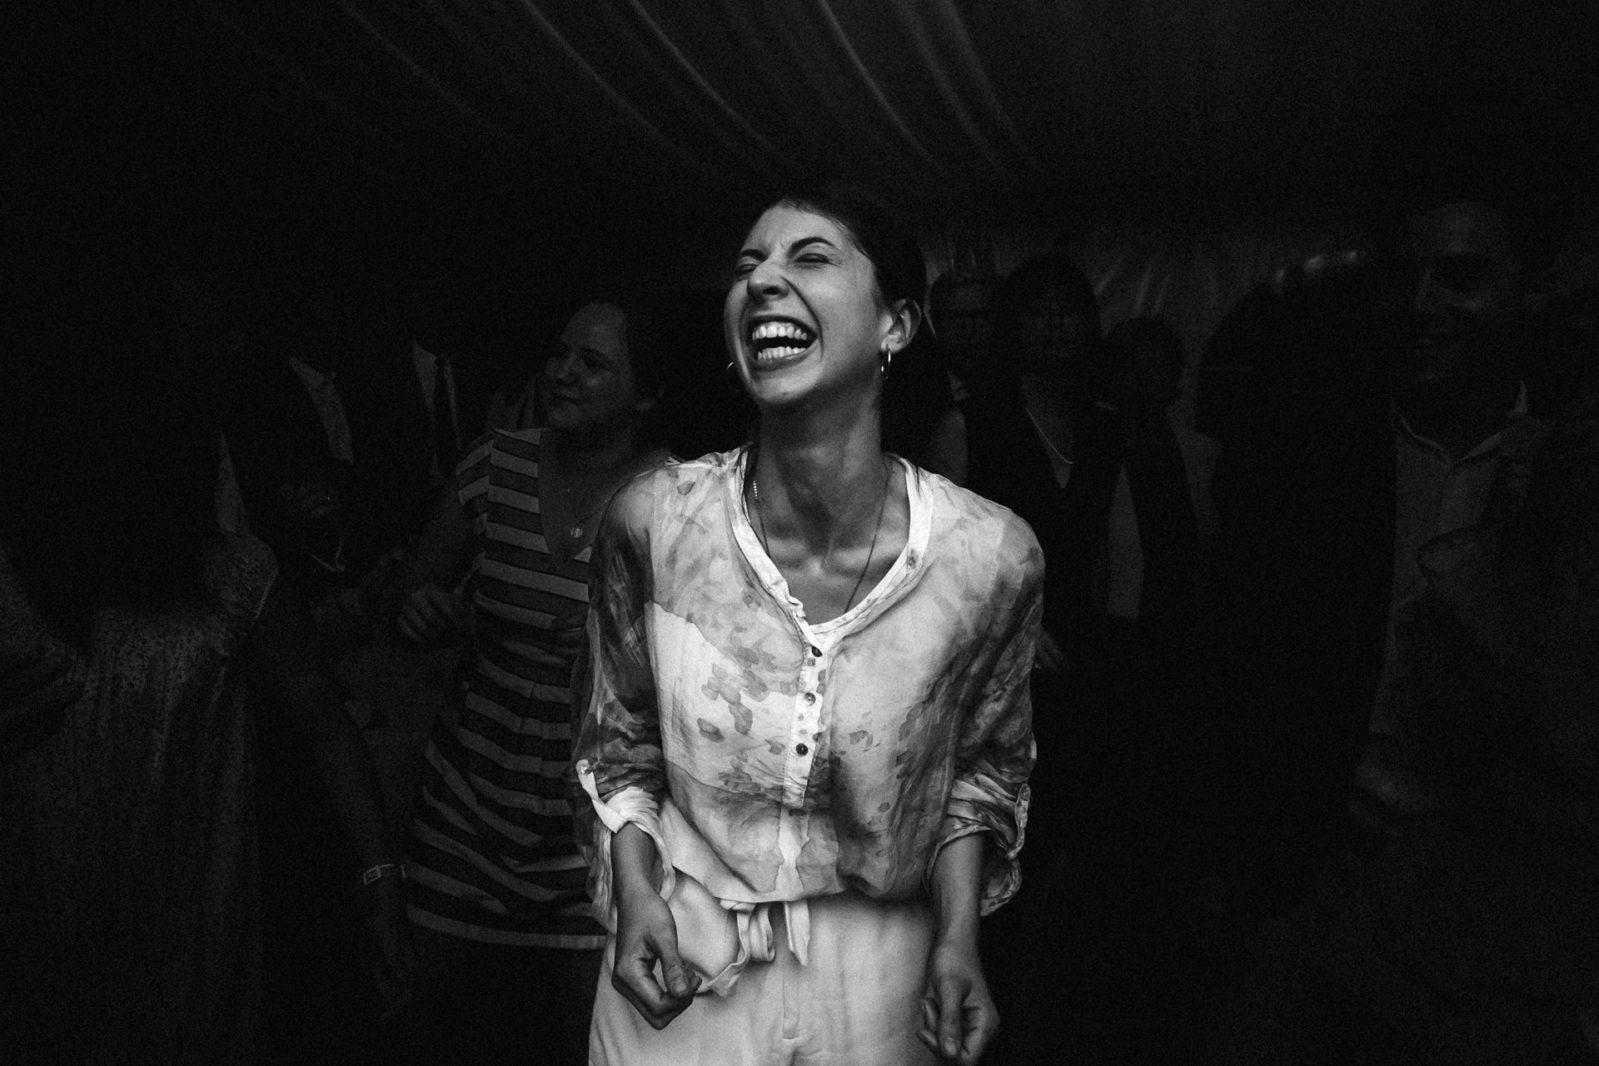 Rire d'un invité au Manoir de Kerouzien Ernestine et sa famille photographe de mariage à l'approche reportage